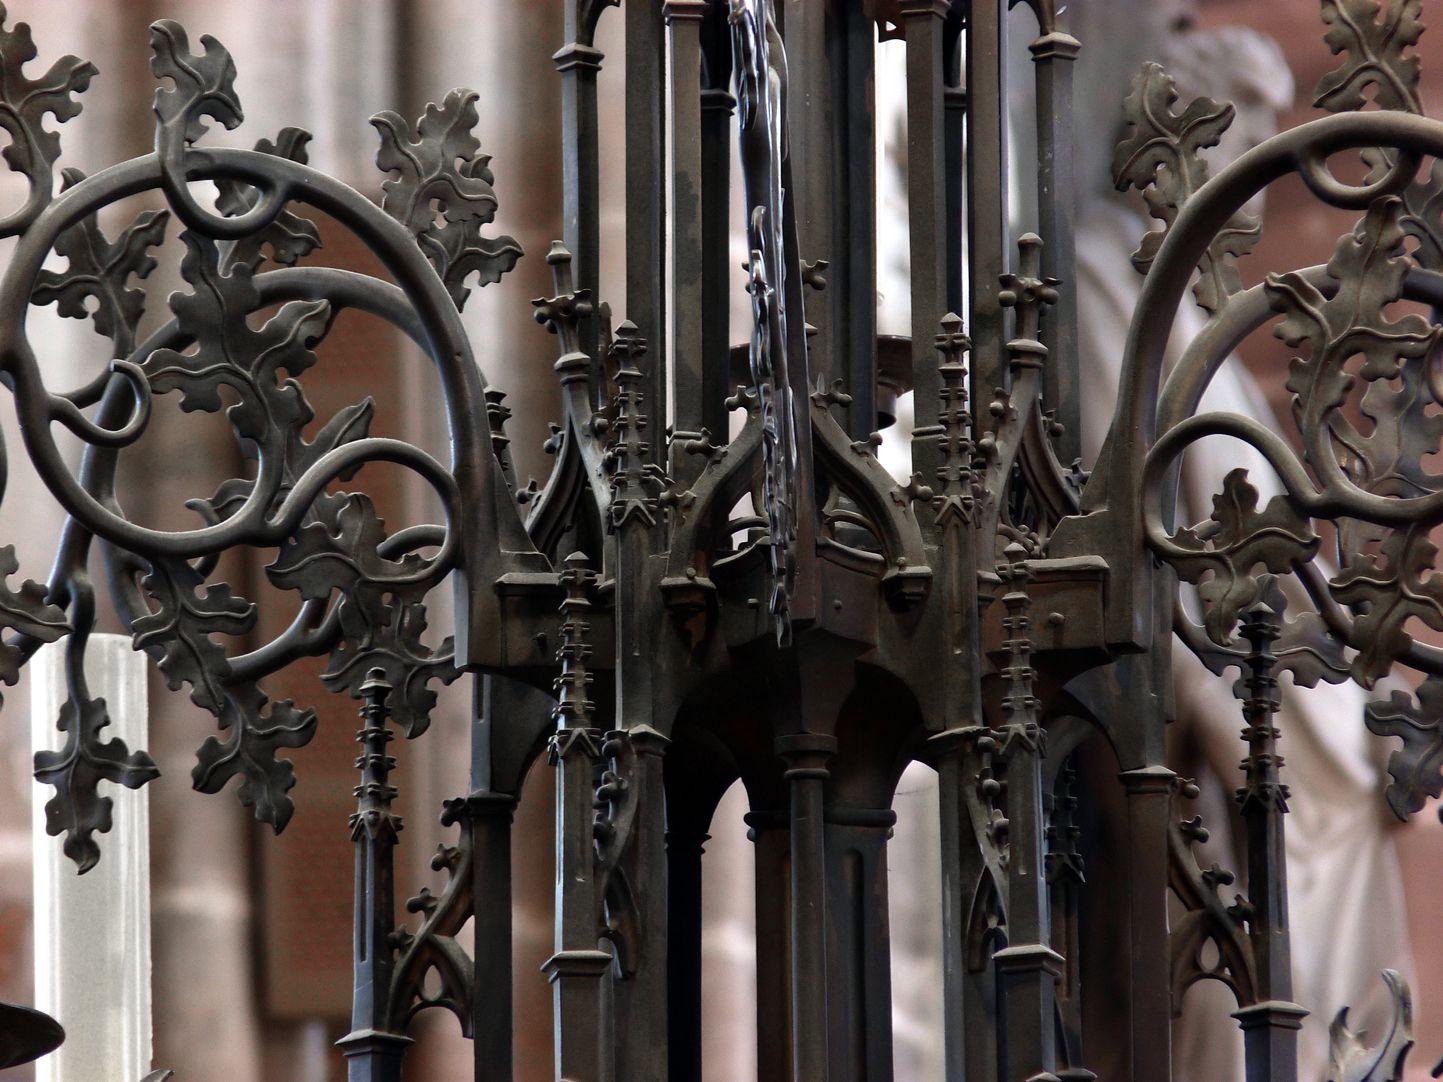 Bronzeleuchter Detail des Gehäuses mit Rankenwerk